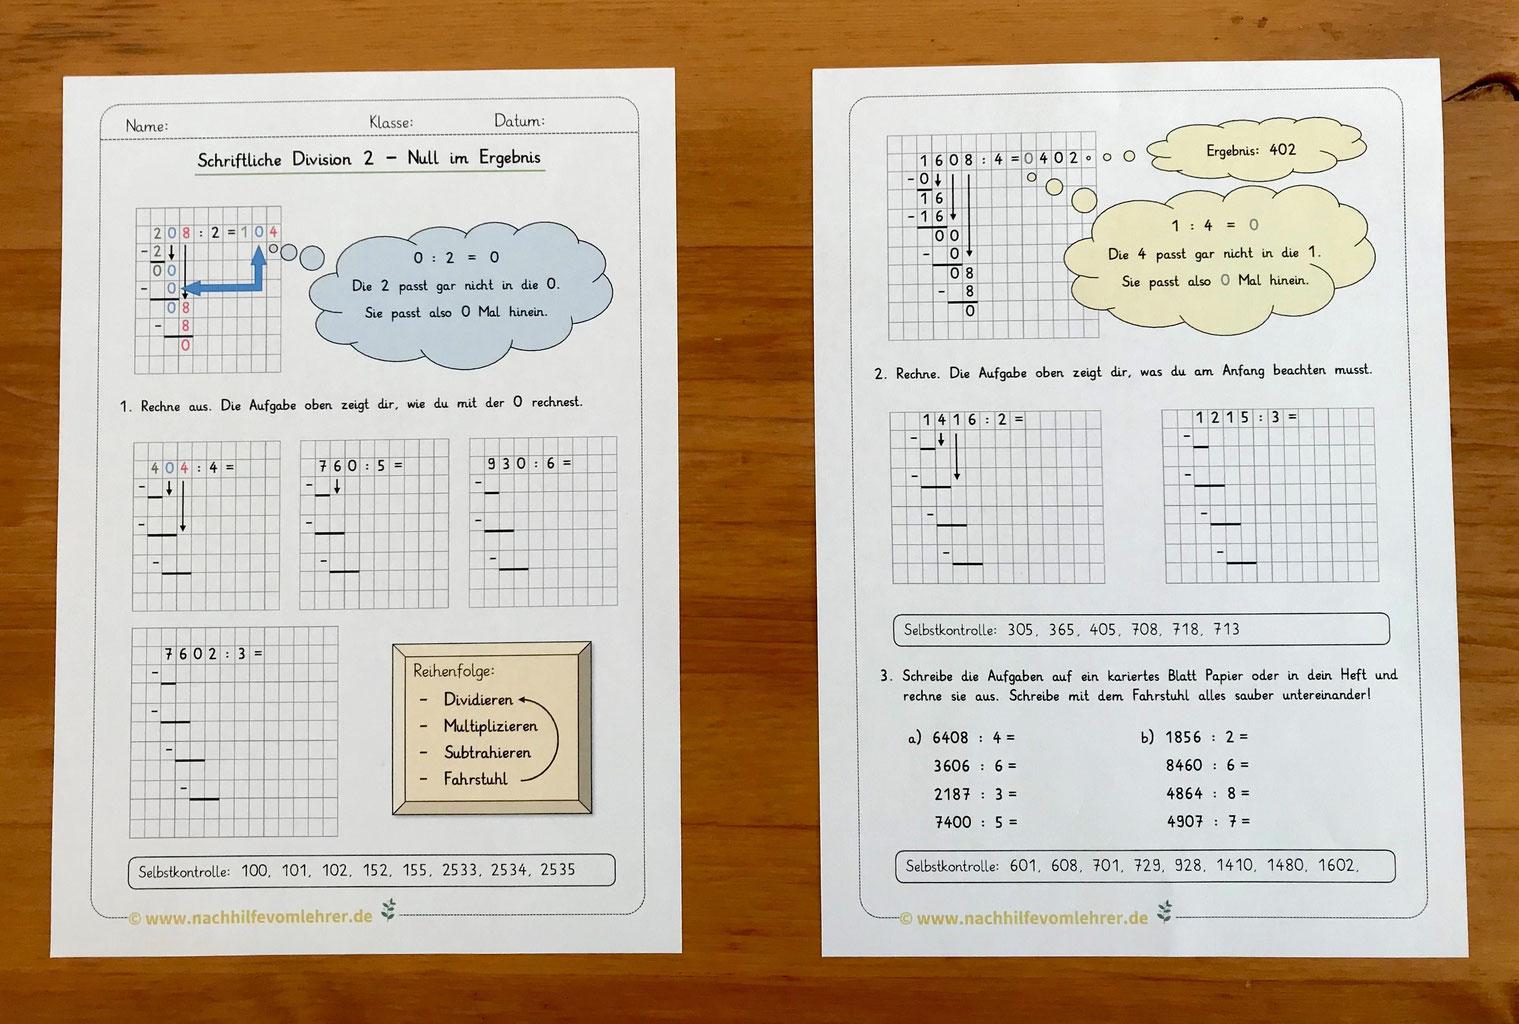 Schriftliche Division Klasse 20   nachhilfevomlehrer.de